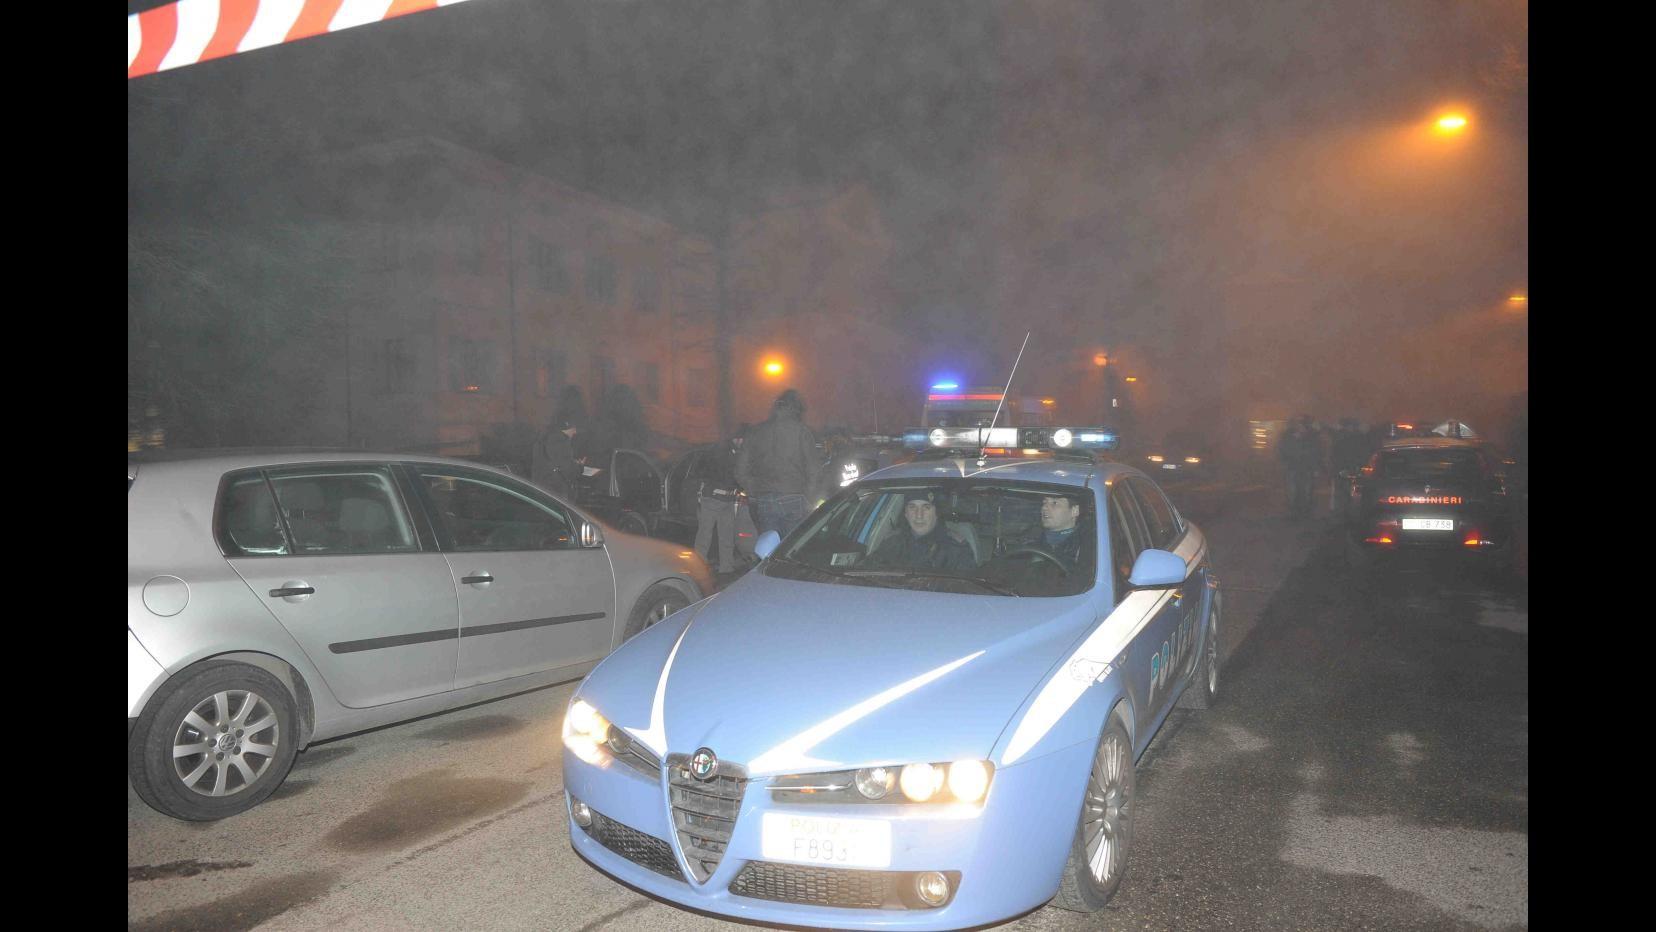 Milano, rompono una vetrina e rubano registratore di cassa: 2 arresti